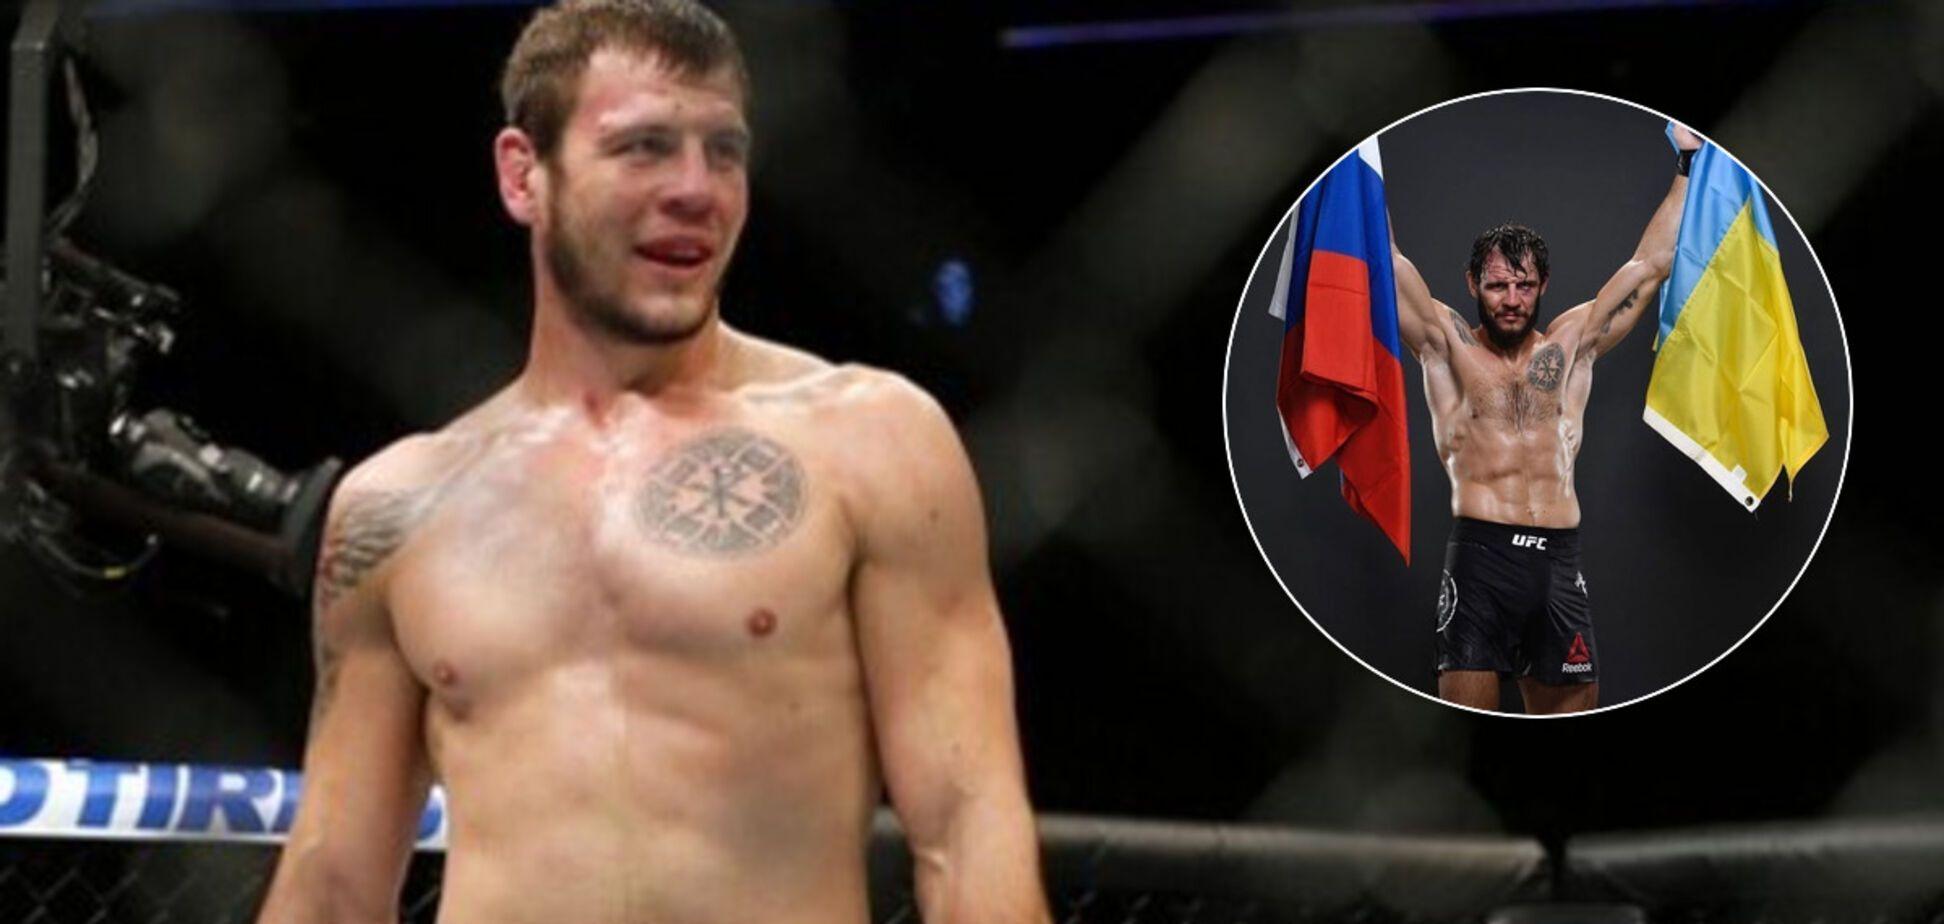 Боец UFC Никита Крылов из 'ЛНР' развернул флаг Украины ради загранпаспорта